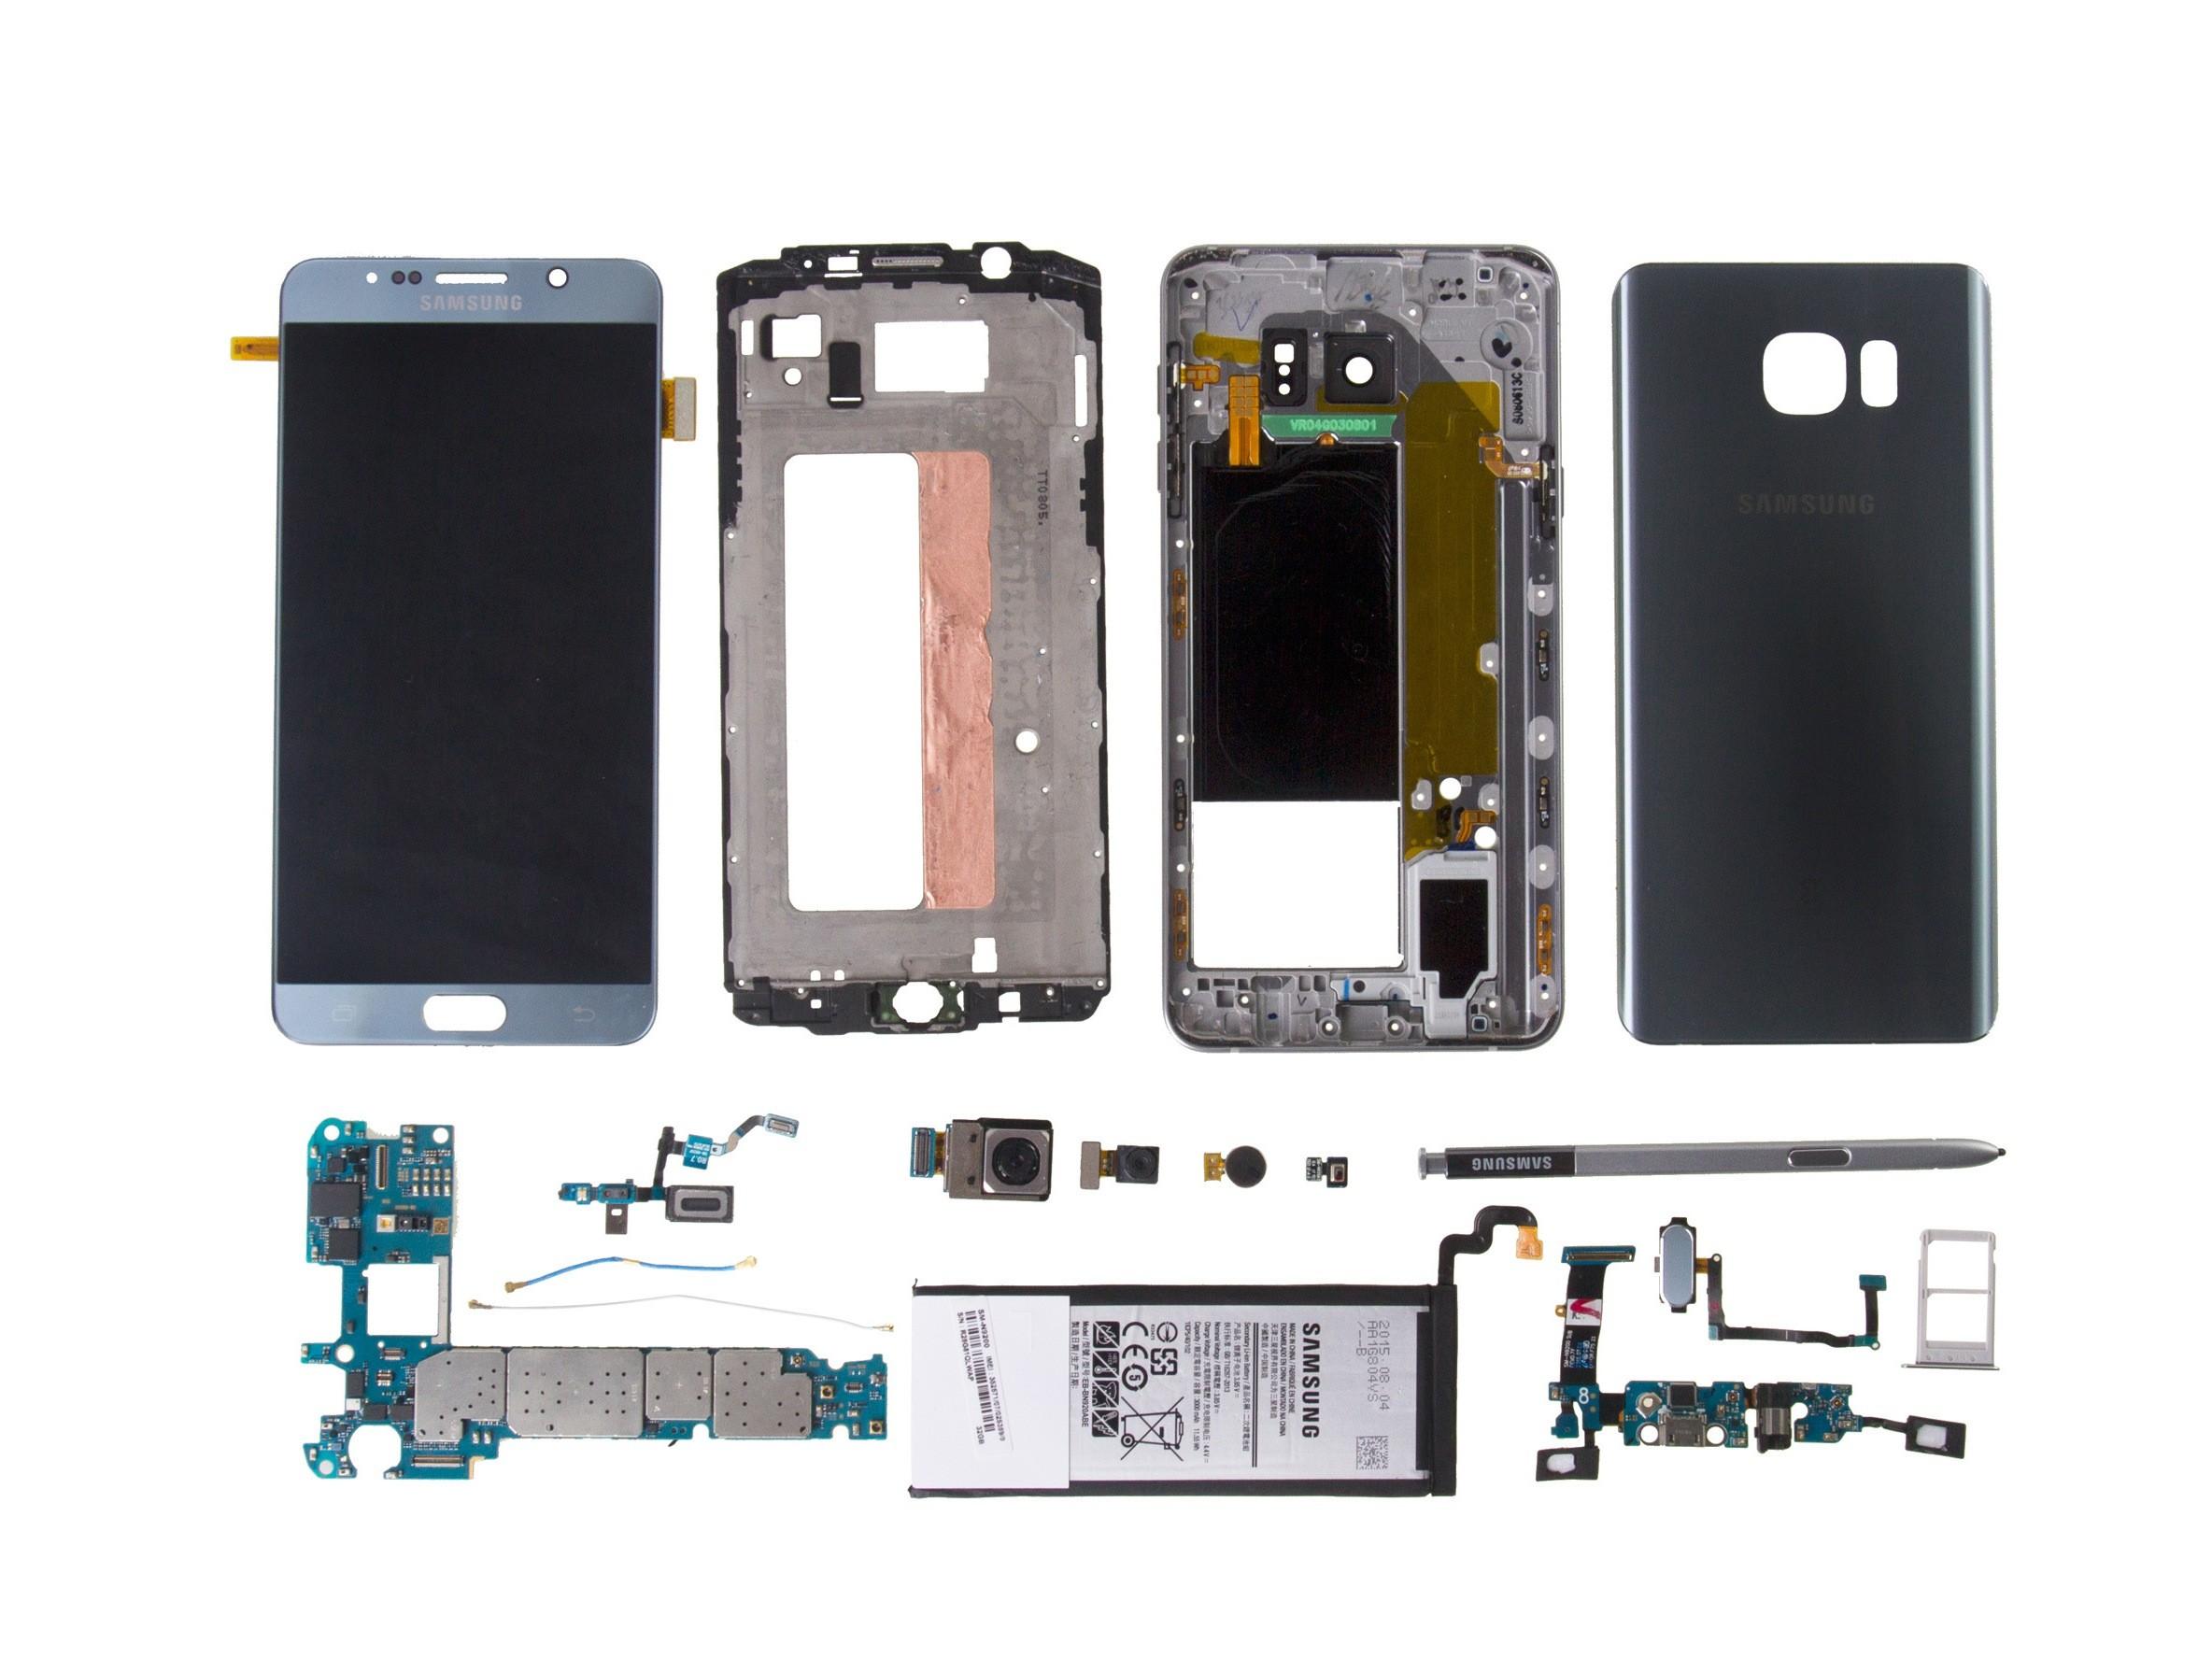 Galaxy S3 Parts Diagram Samsung Galaxy Note5 Teardown ifixit Of Galaxy S3 Parts Diagram